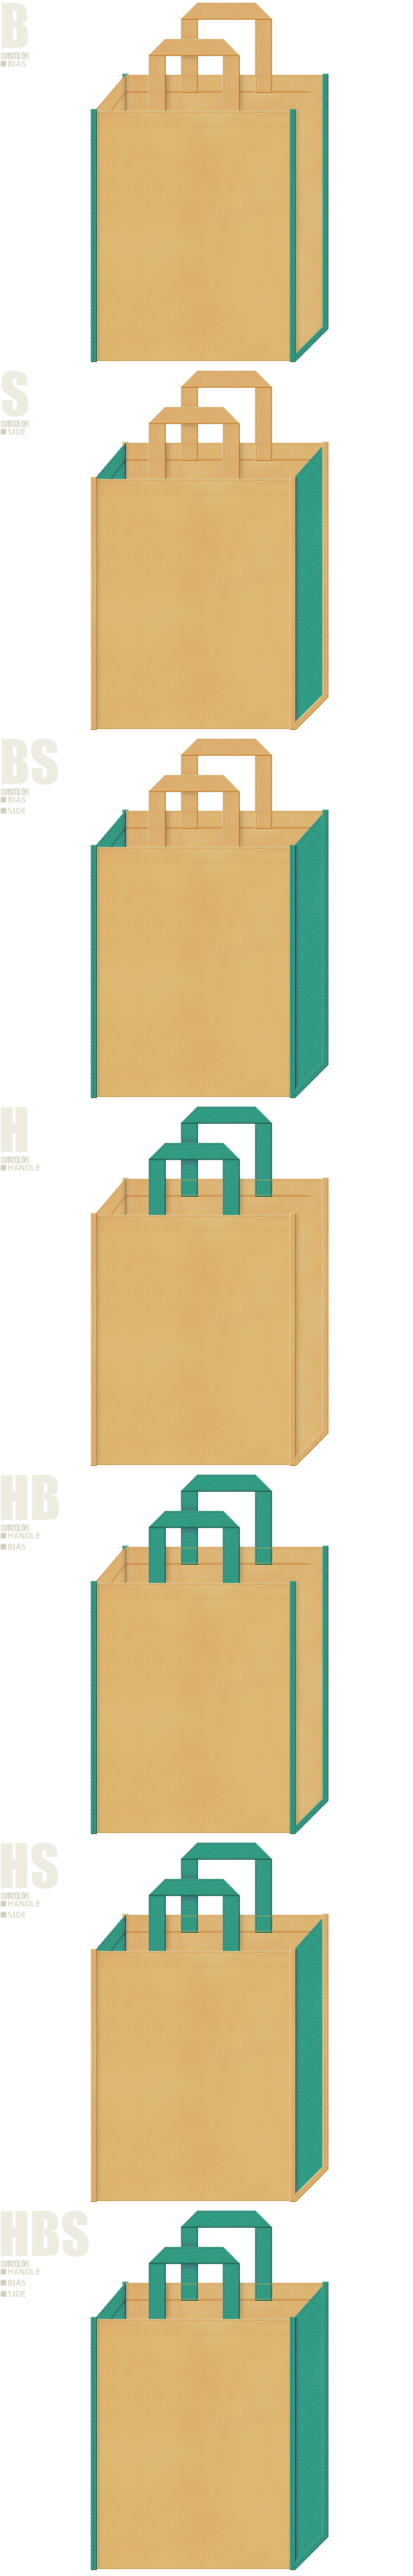 農業・種苗・肥料・ガーデニング・園芸用品の展示会用バッグにお奨めの不織布バッグデザイン:薄黄土色と青緑色の配色7パターン